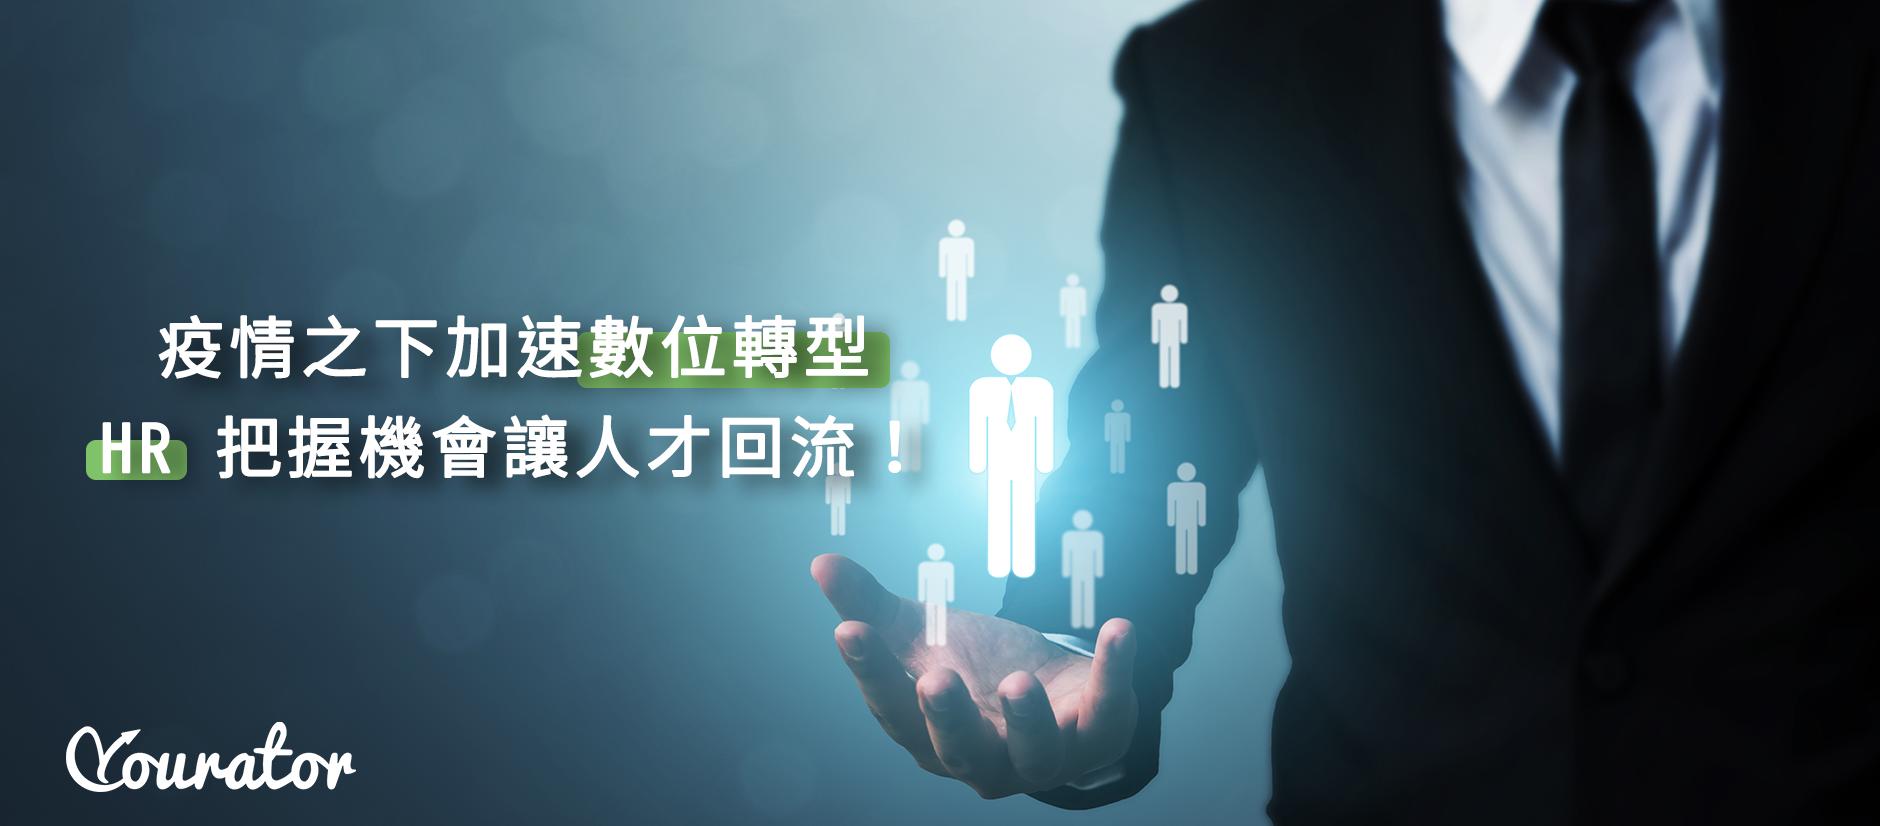 數位轉型 人資 HR 疫情